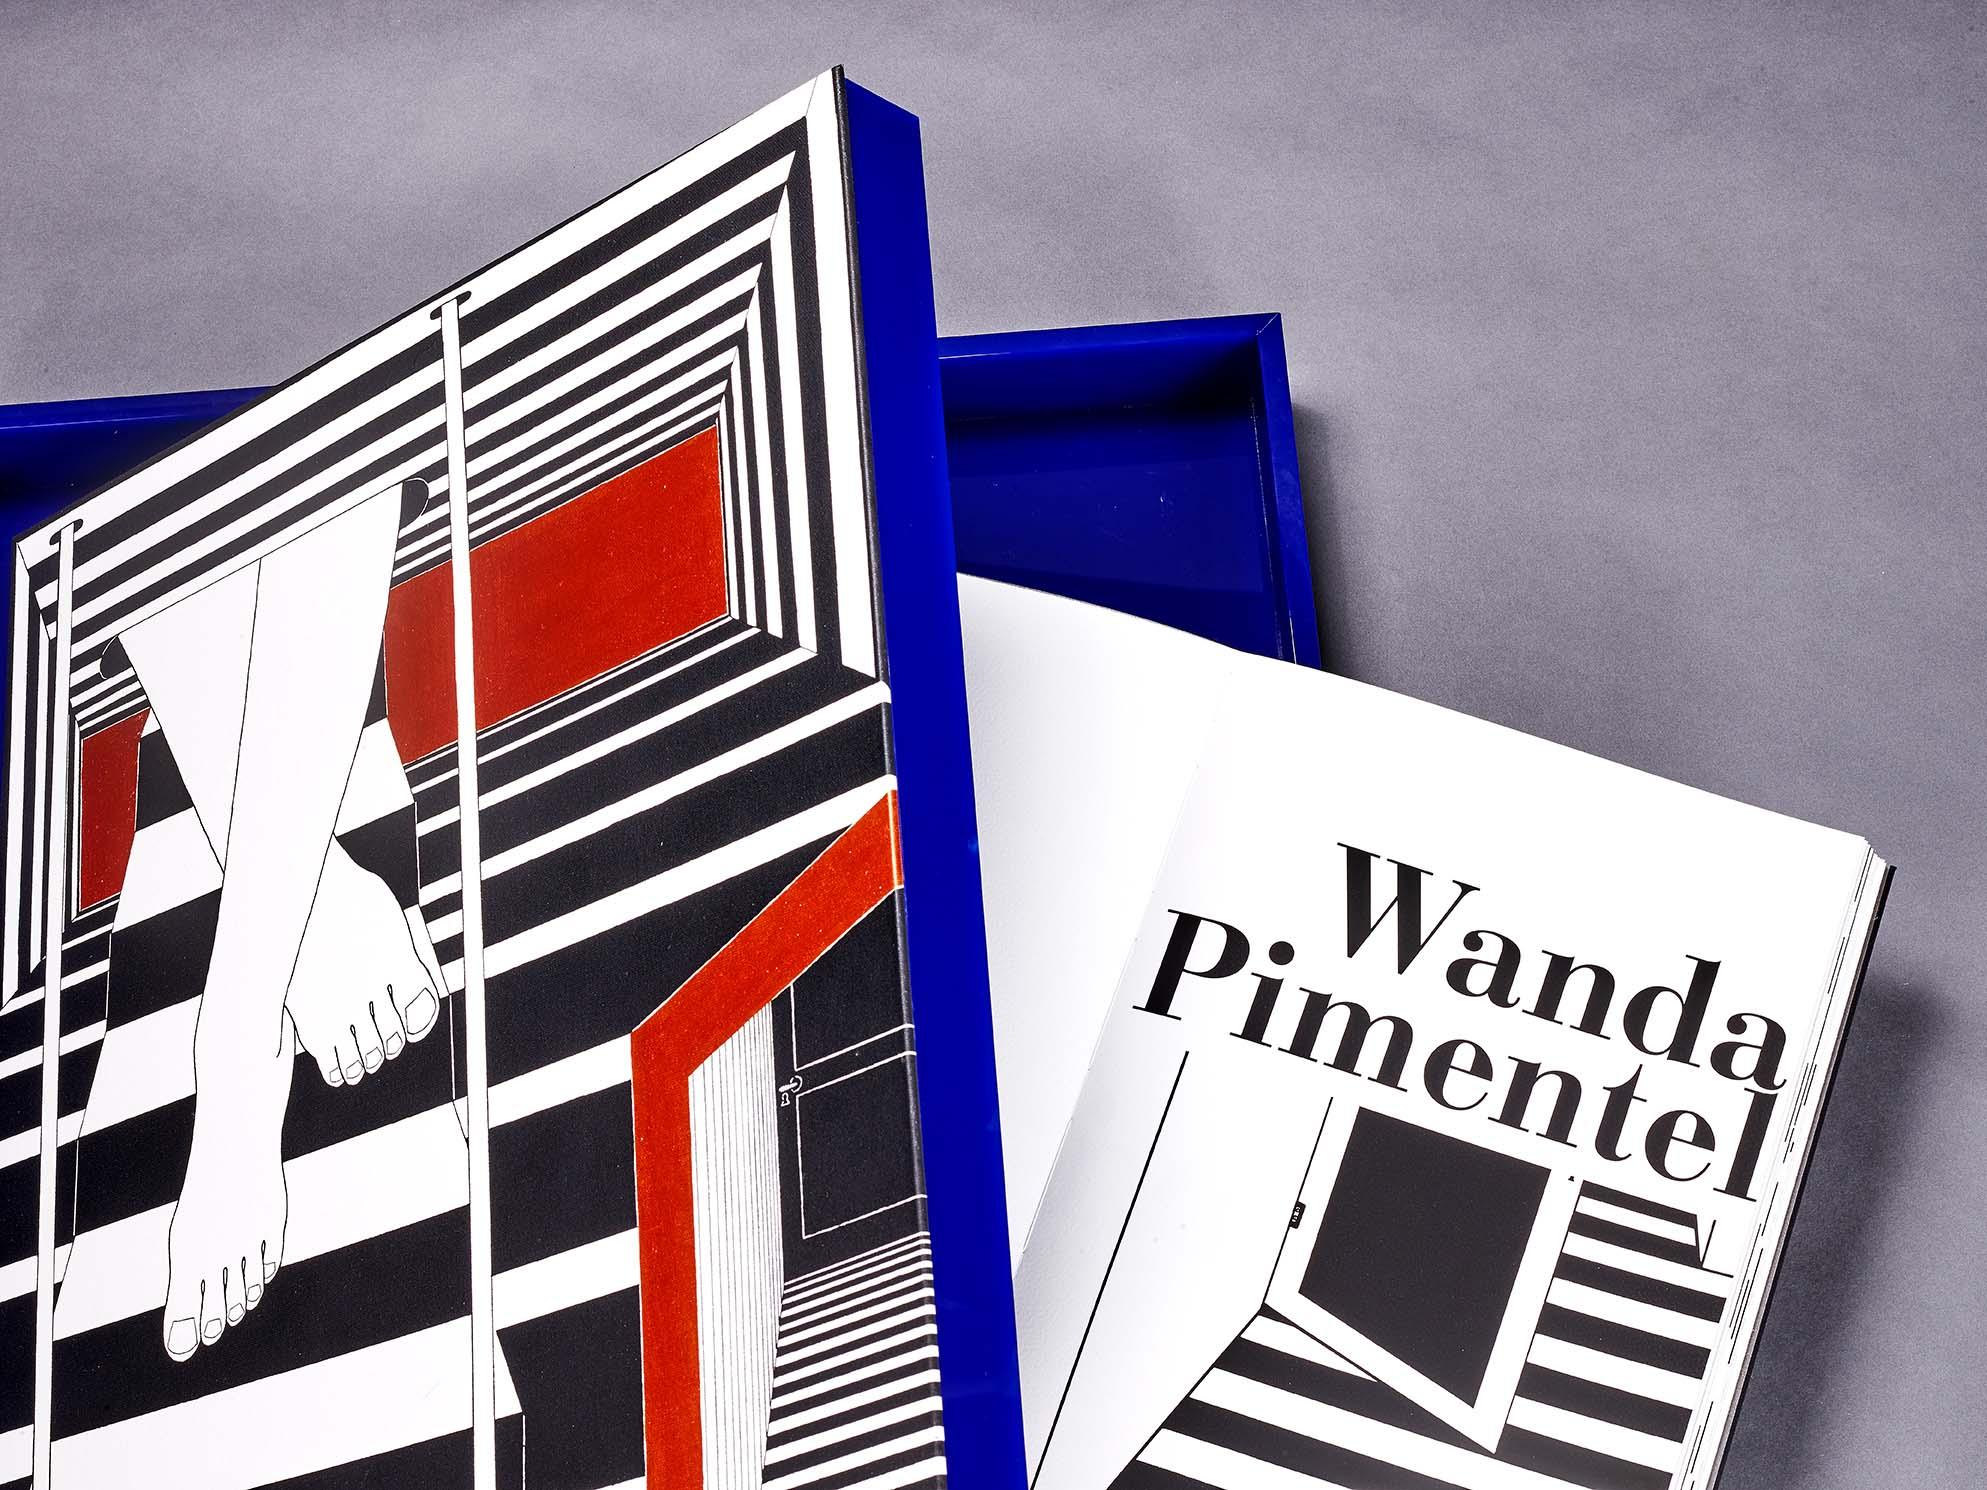 """Anita Schwartz Galeria de Arte lança o livro """"A coleção Wanda Pimentel"""" durante a SP-Arte"""